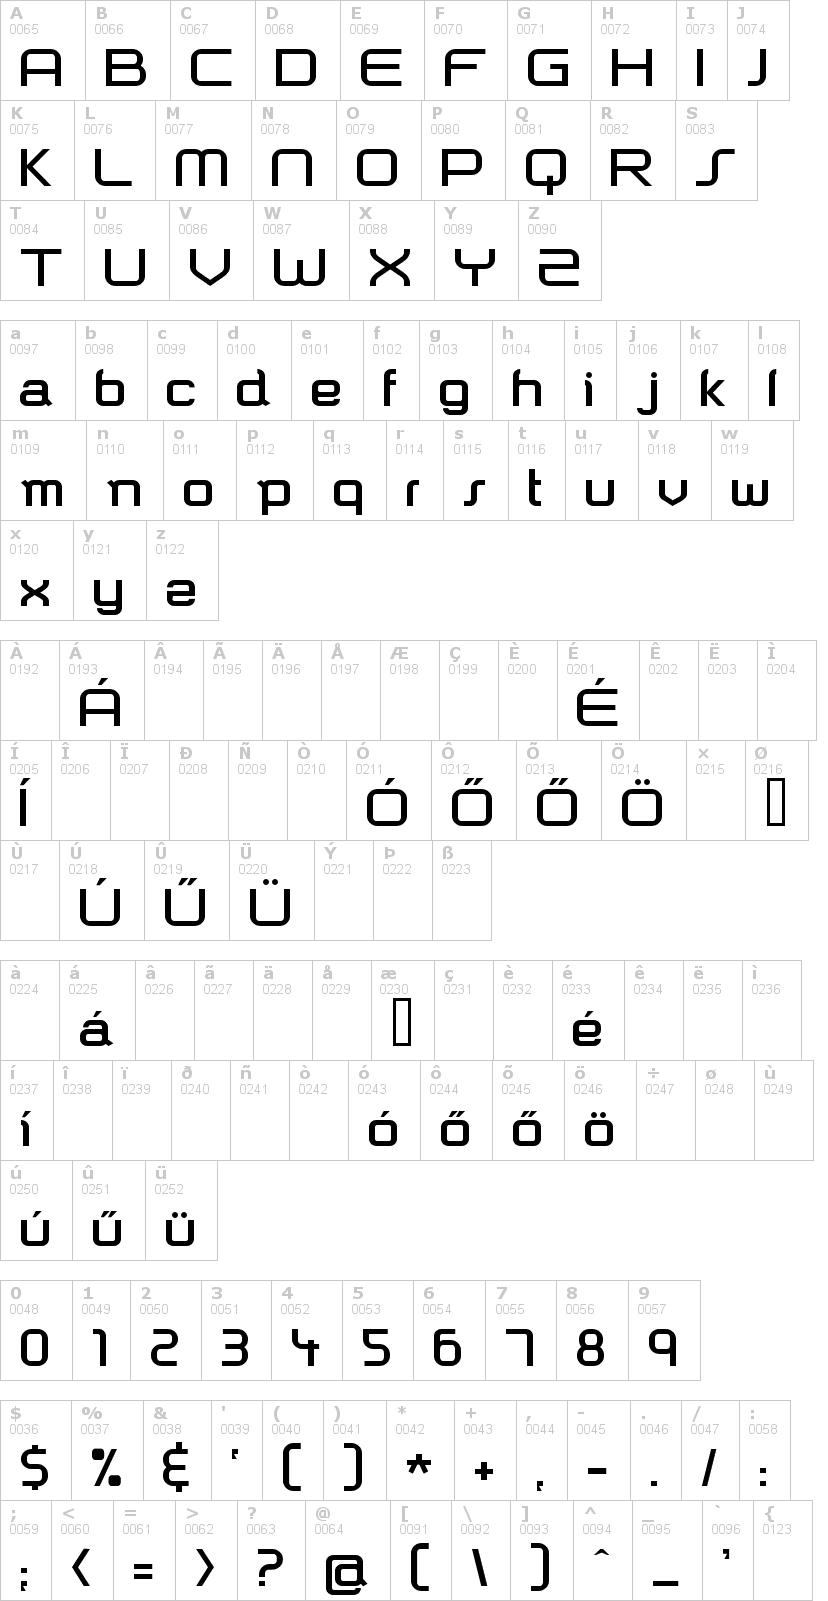 Lettere dell'alfabeto del font shazbot con le quali è possibile realizzare adesivi prespaziati